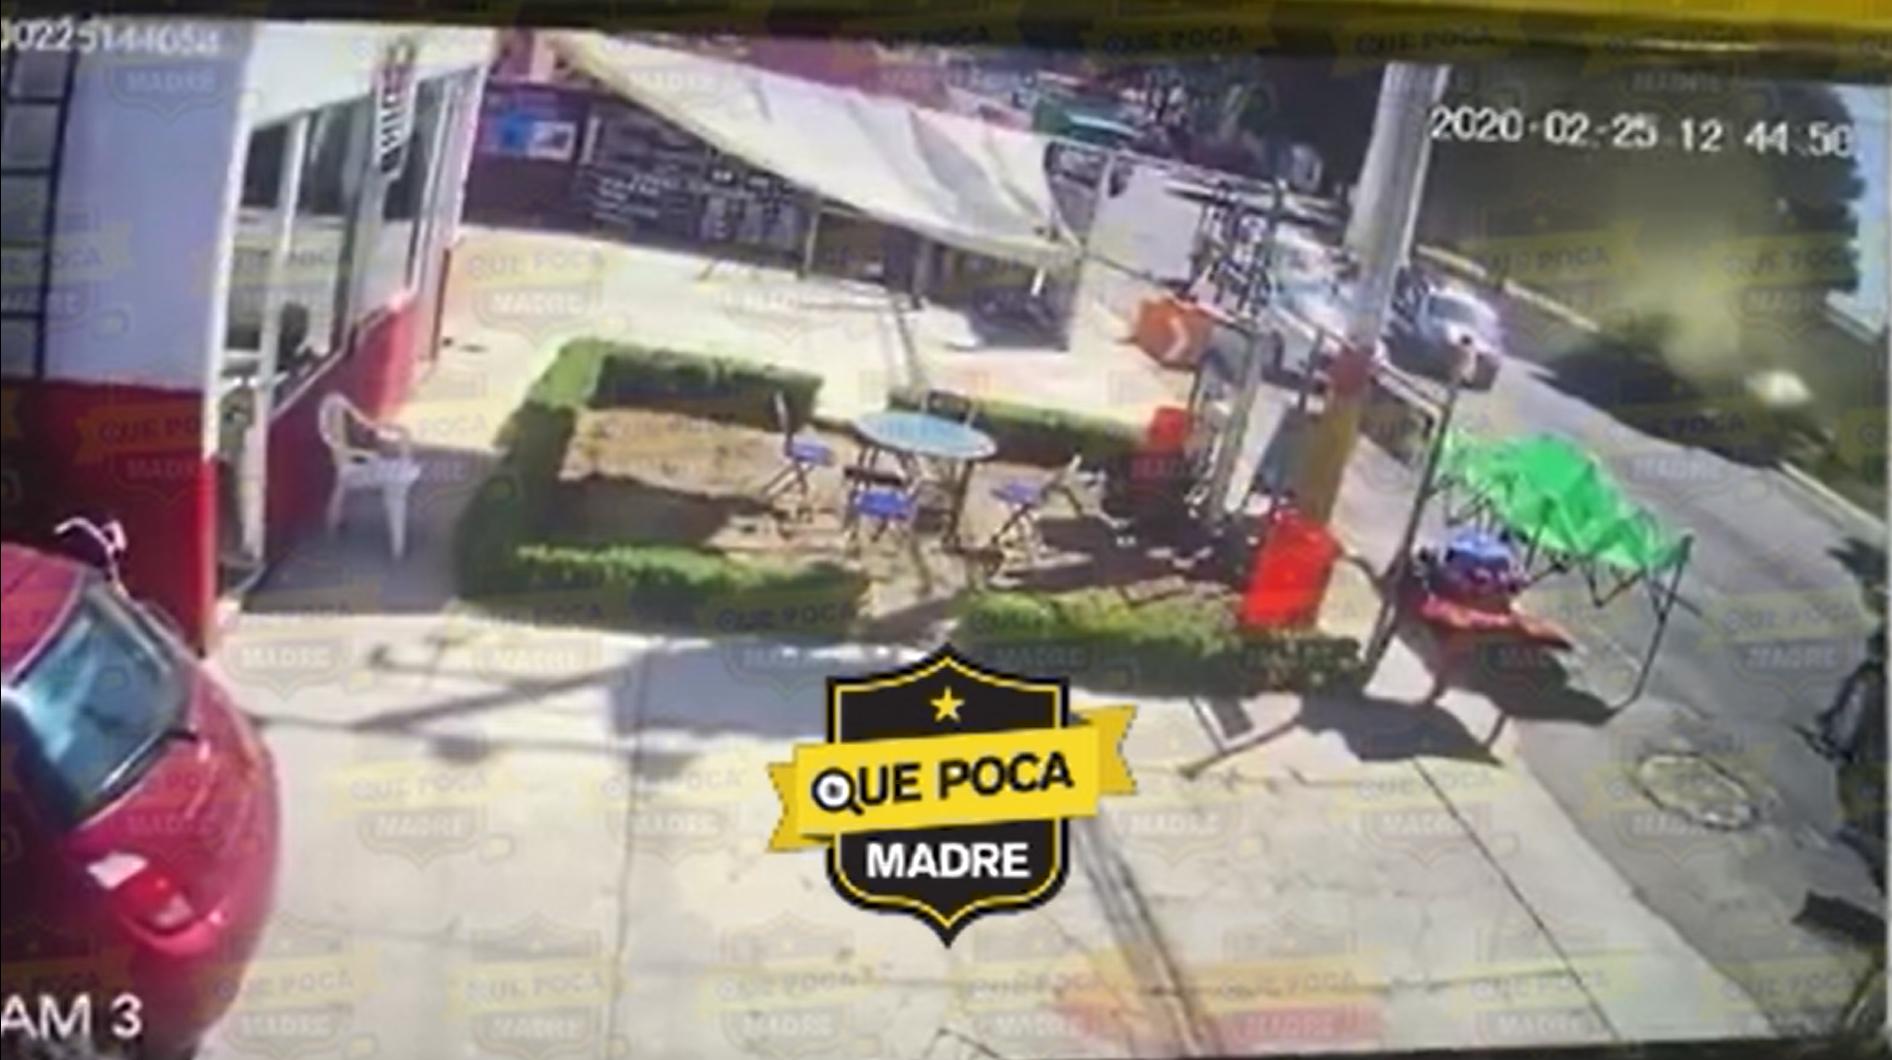 #Video #Zinacantepec: Momento exacto de la balacera que se dio entre policías y criminales.